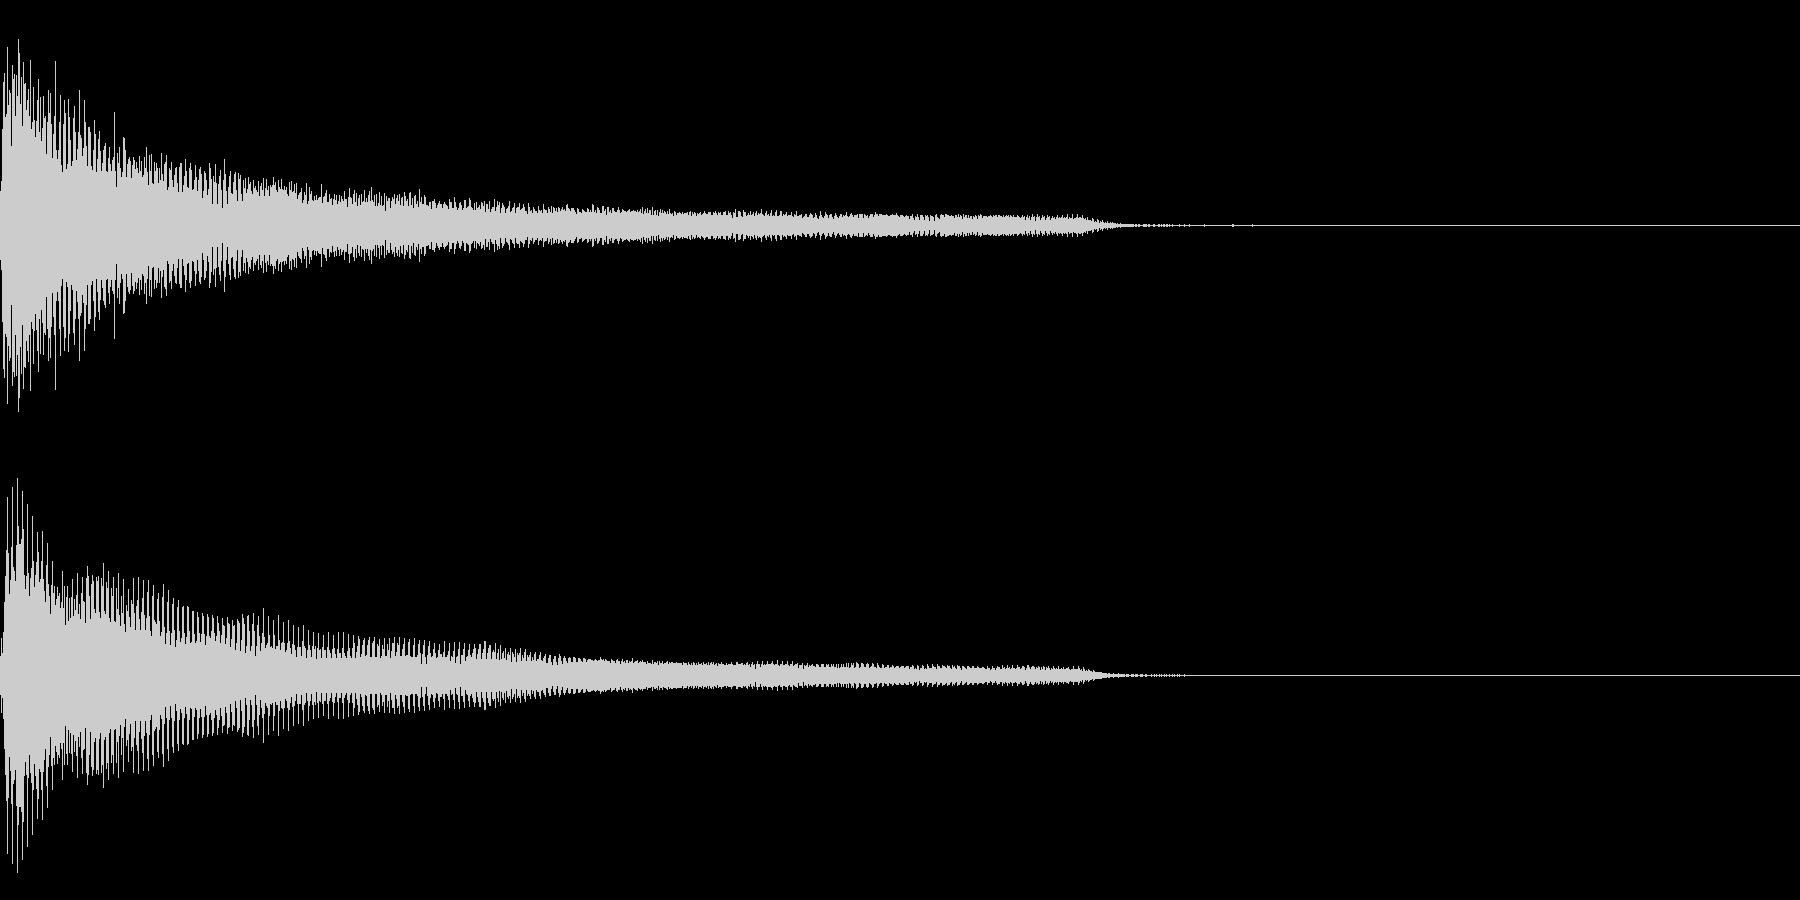 ピアノ一音極端に低い音(鍵盤の最低音)の未再生の波形